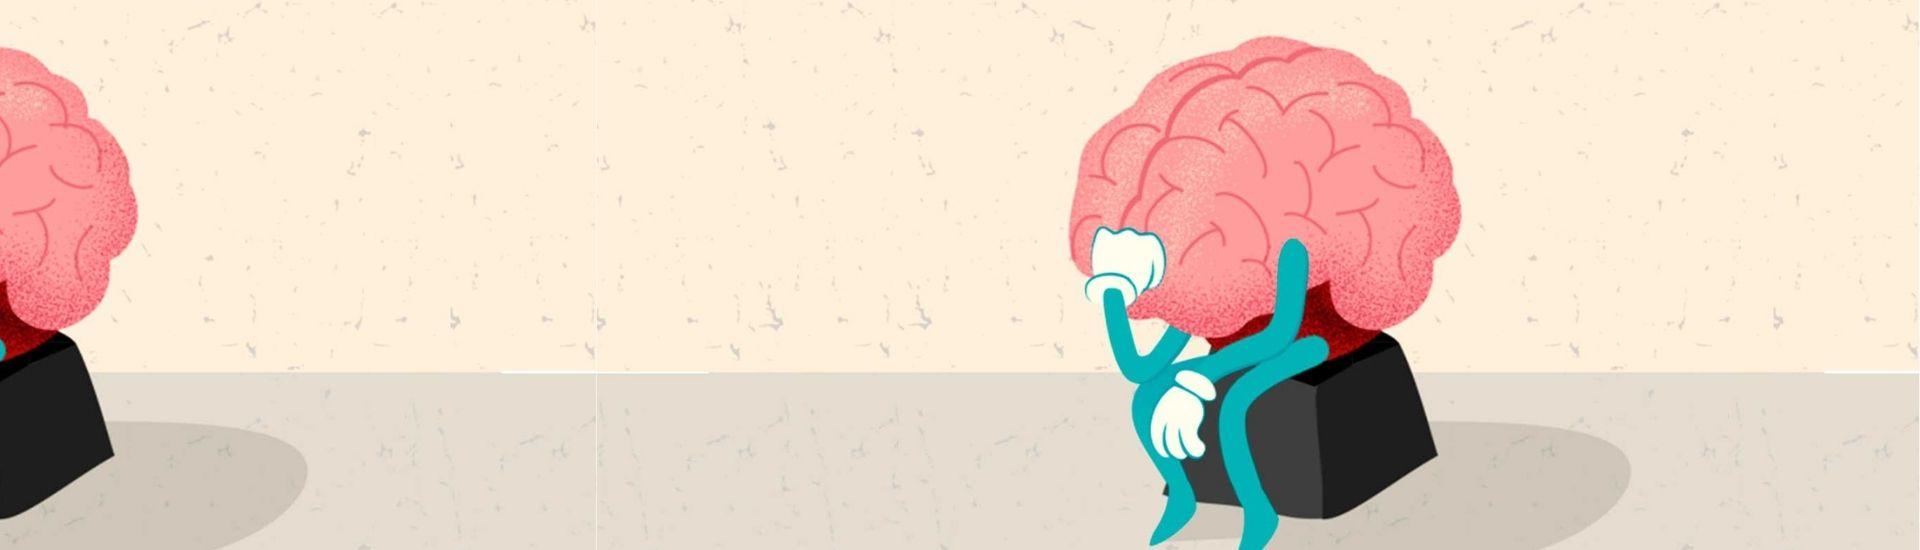 Ilustración de un cerebro pensando